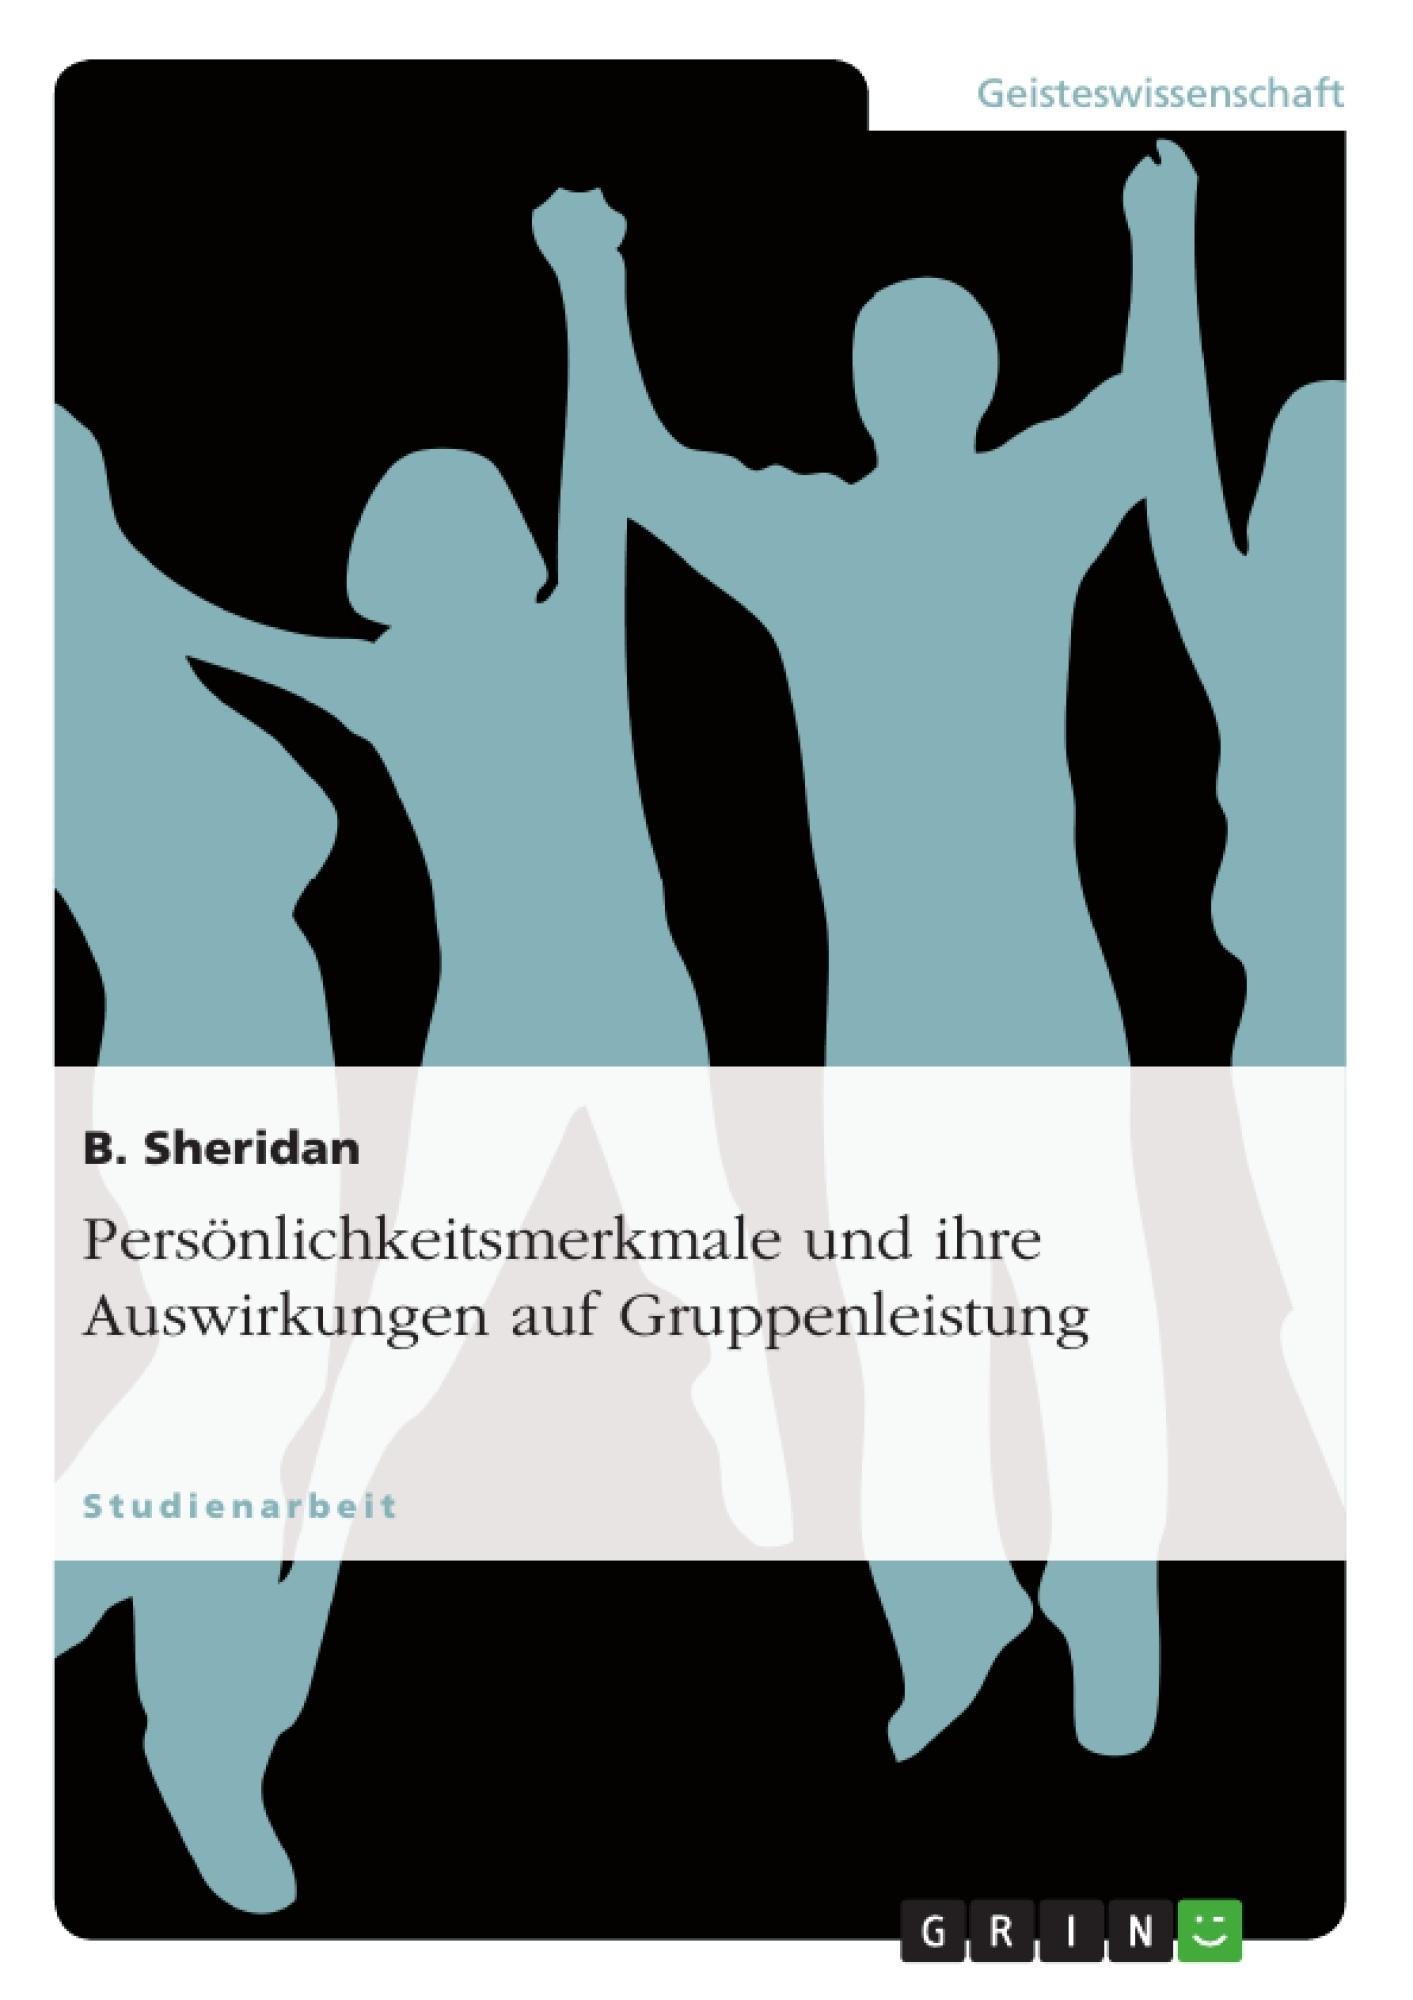 Titel: Persönlichkeitsmerkmale und ihre Auswirkungen auf Gruppenleistung